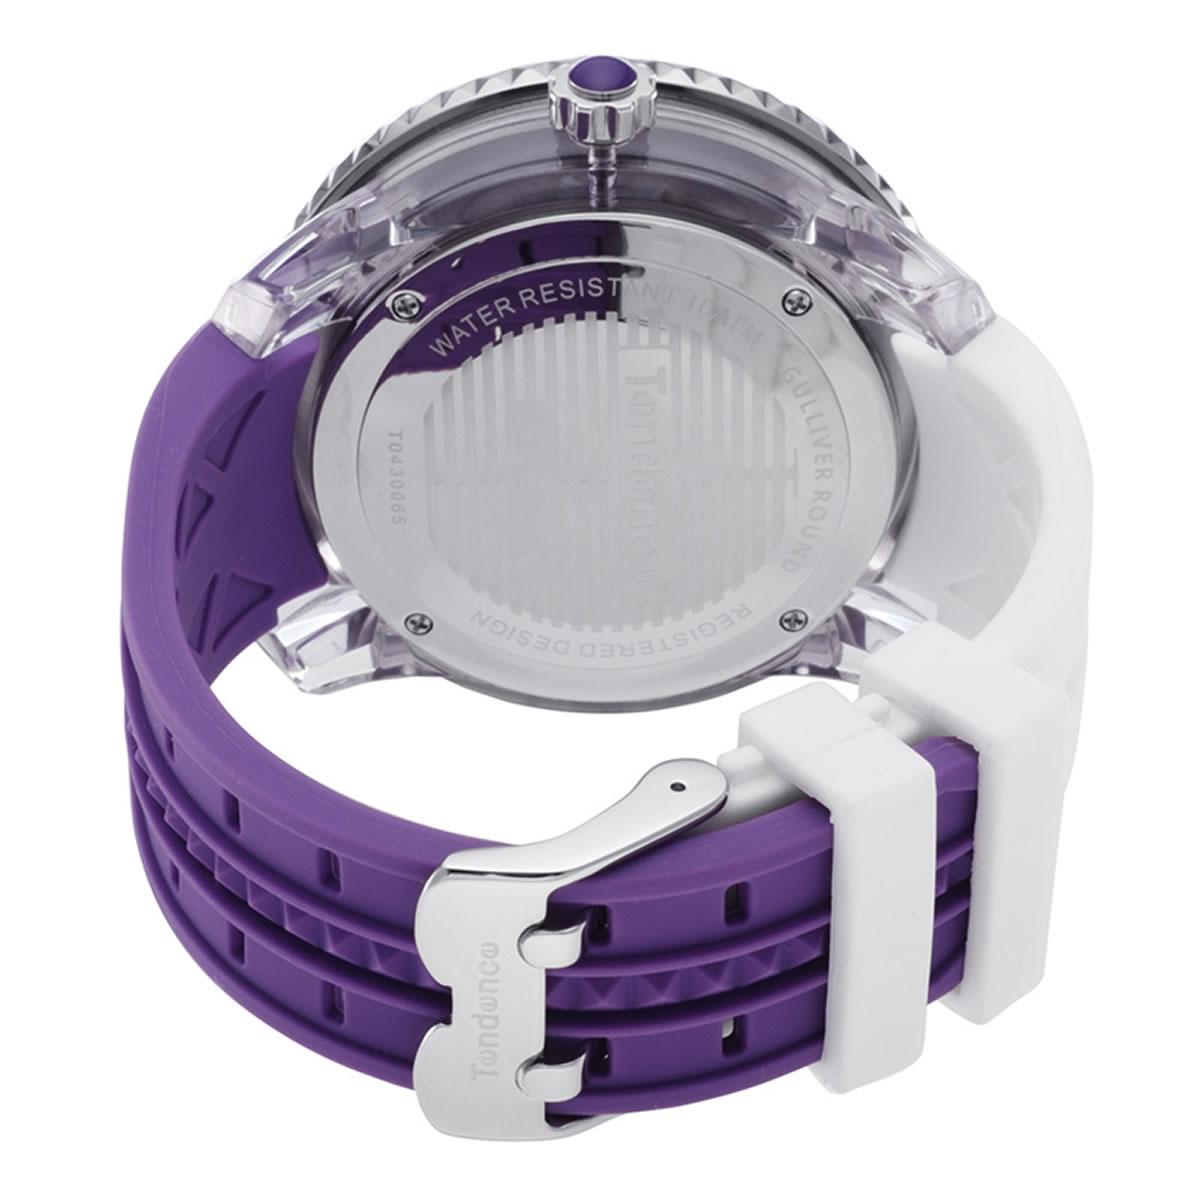 テンデンス腕時計 側面